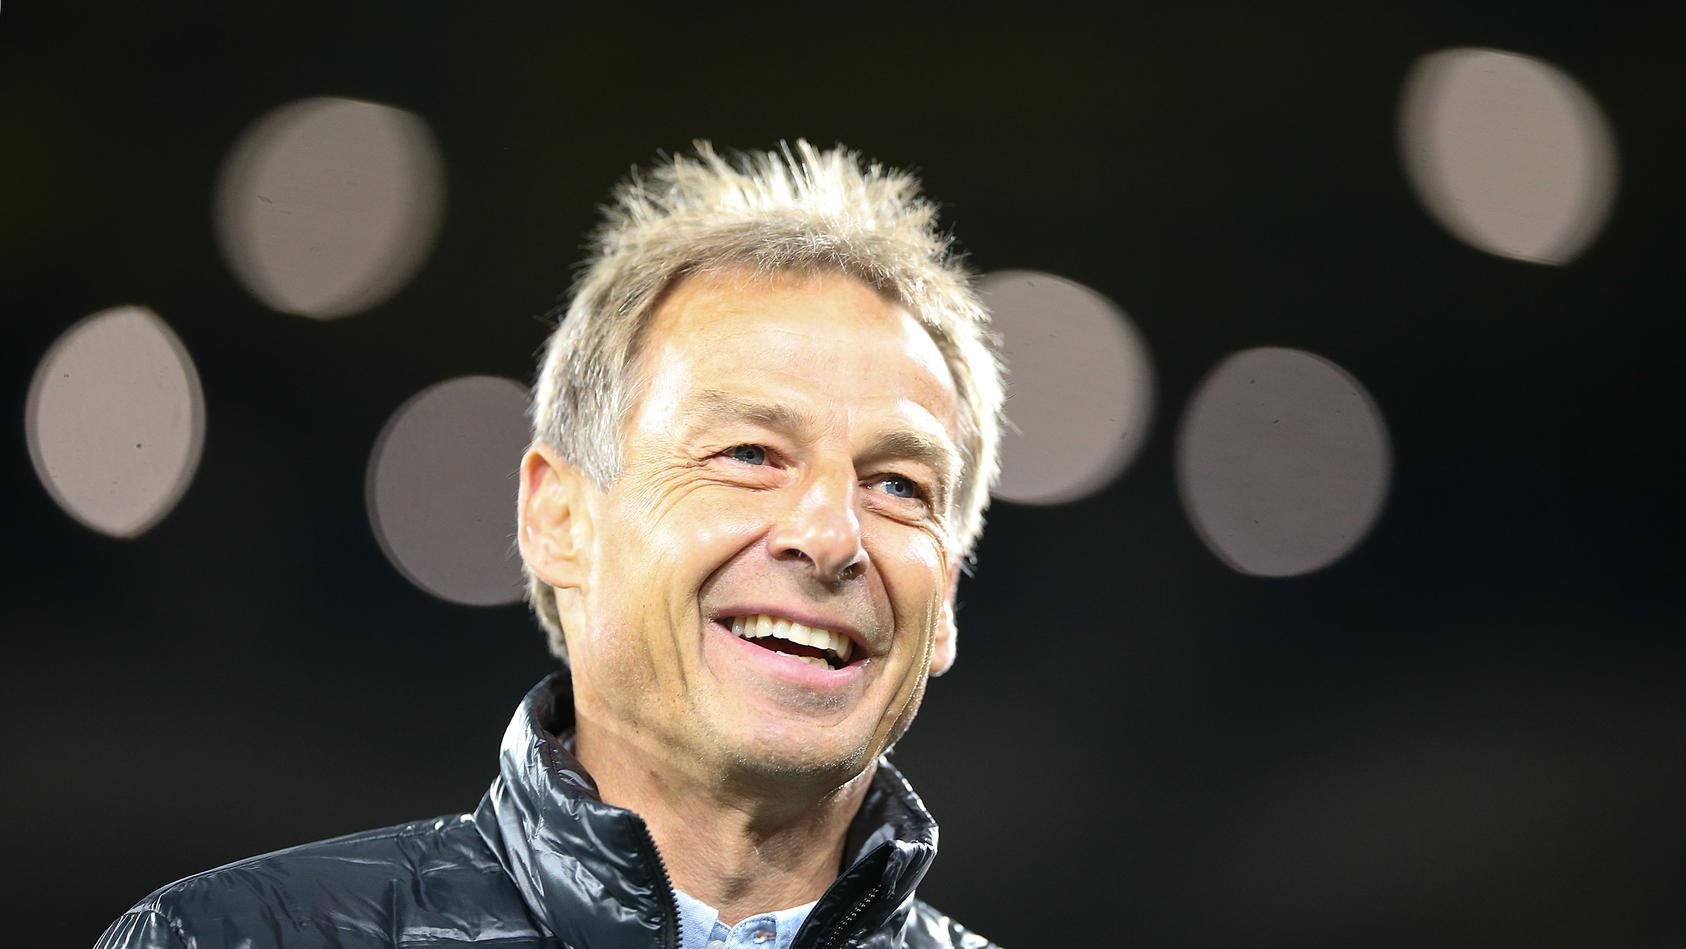 09.10.2019, Fussball, Länderspiel, Deutschland - Argentinien, im Signal Iduna Park Dortmund. Jürgen Klinsmann ***DFL and